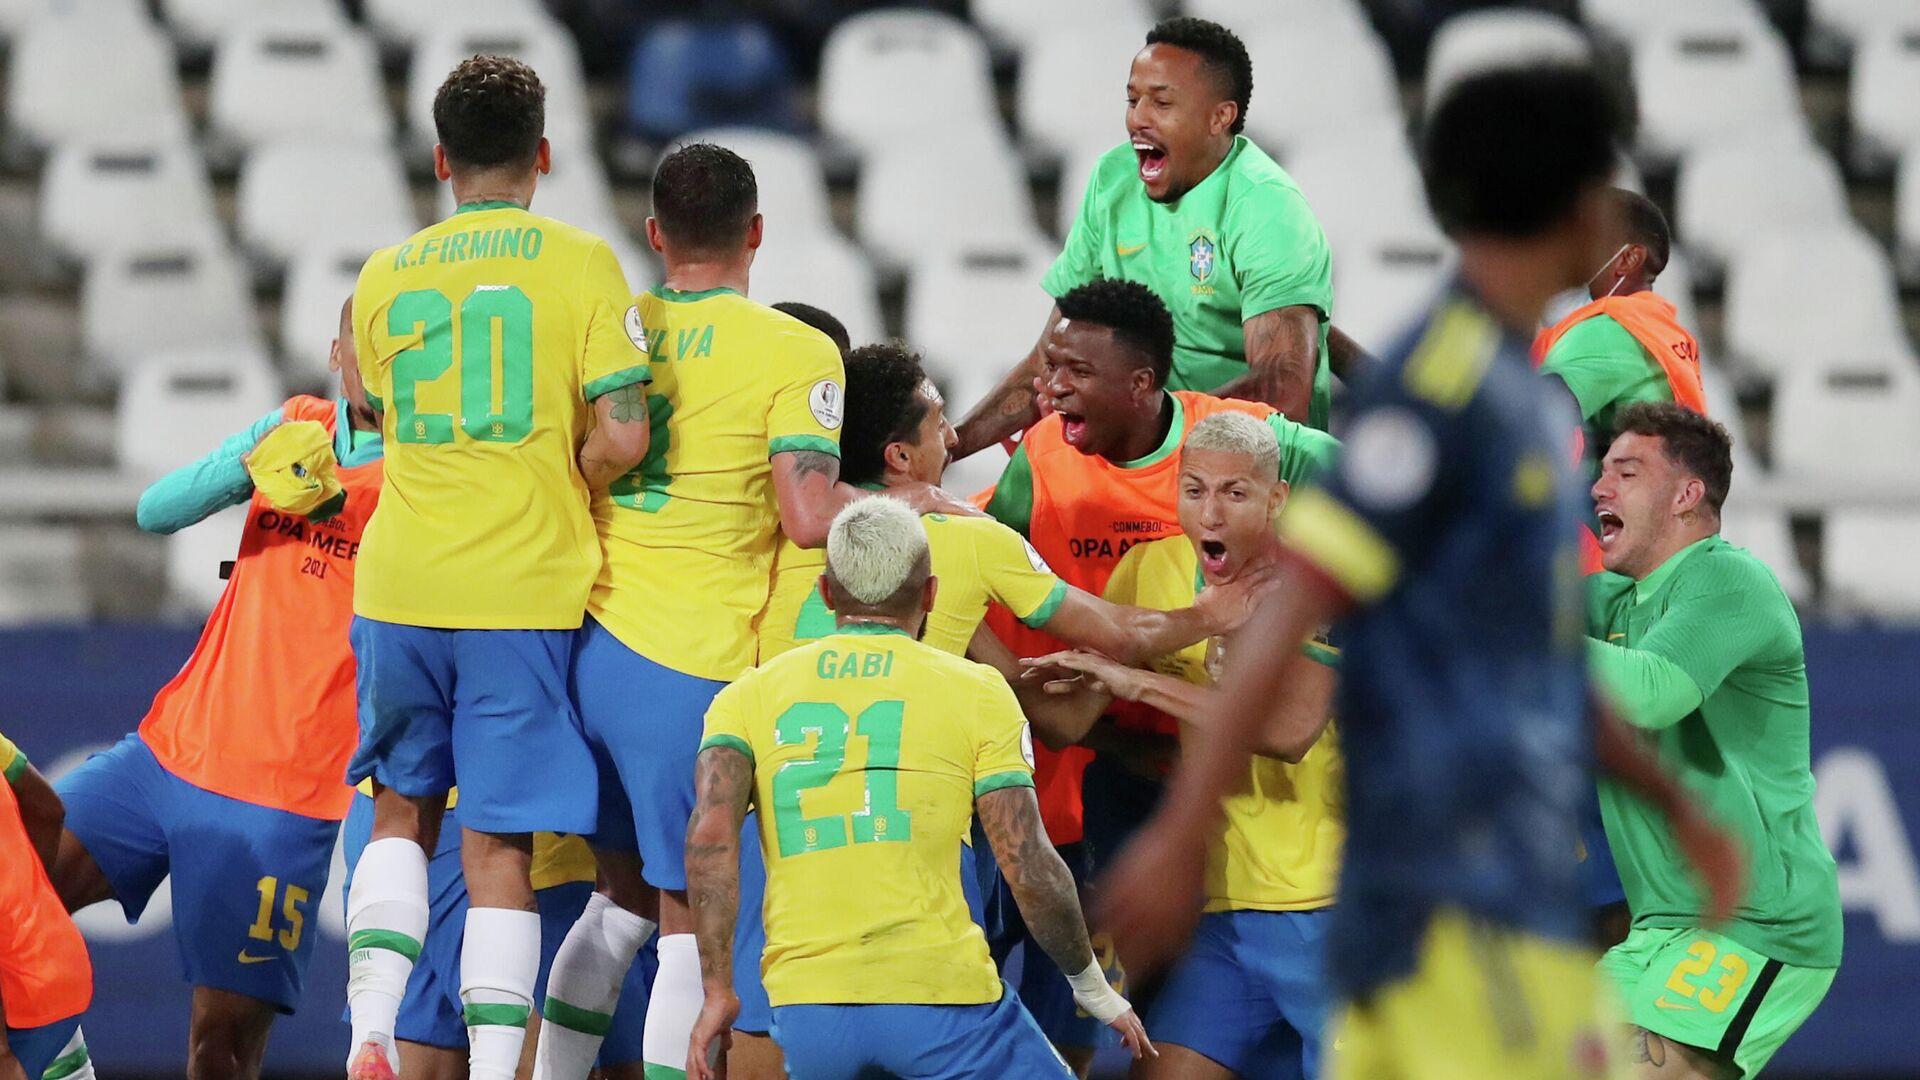 La selección de Brasil celebra su victoria ante Colombia durante la fase de grupos de la Copa América 2021 en Río de Janeiro (Brasil), el 23 de junio del 2021 - Sputnik Mundo, 1920, 24.06.2021